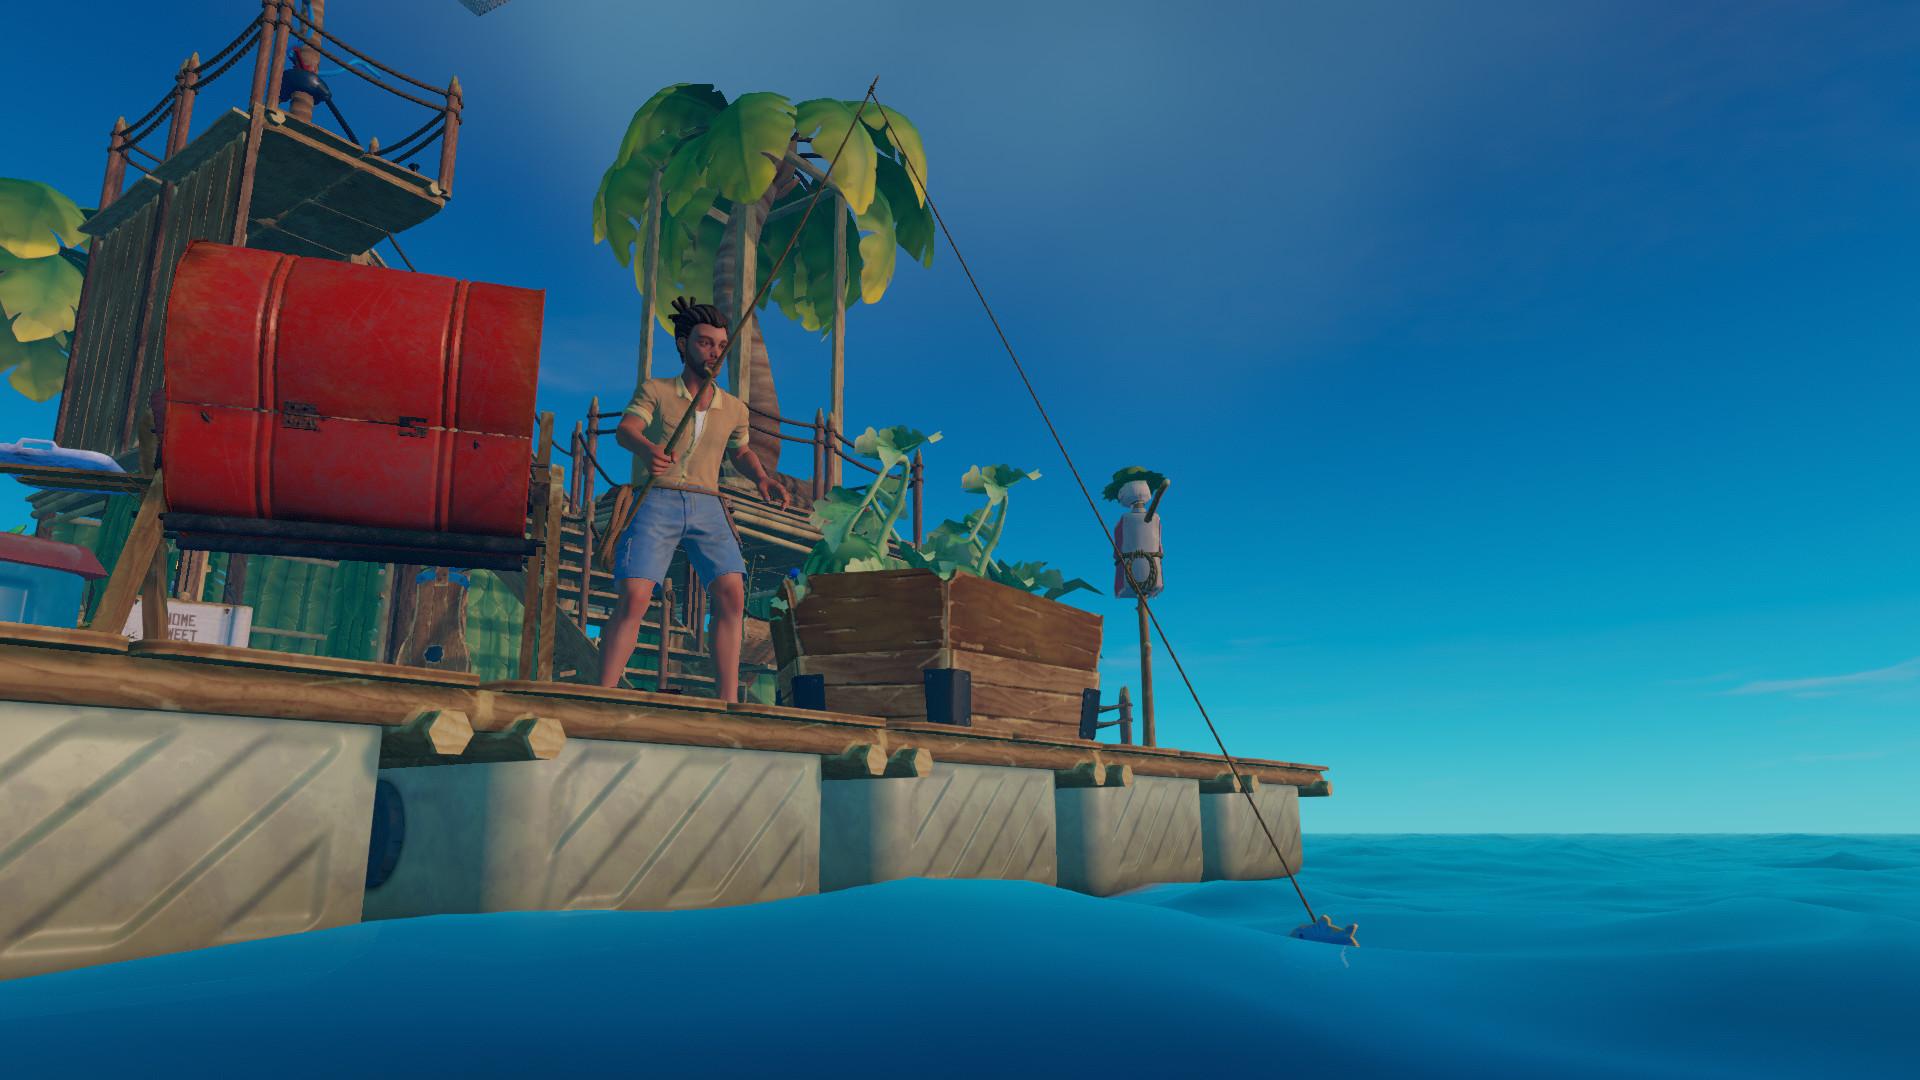 Link Tải Game Raft Để Chơi Online